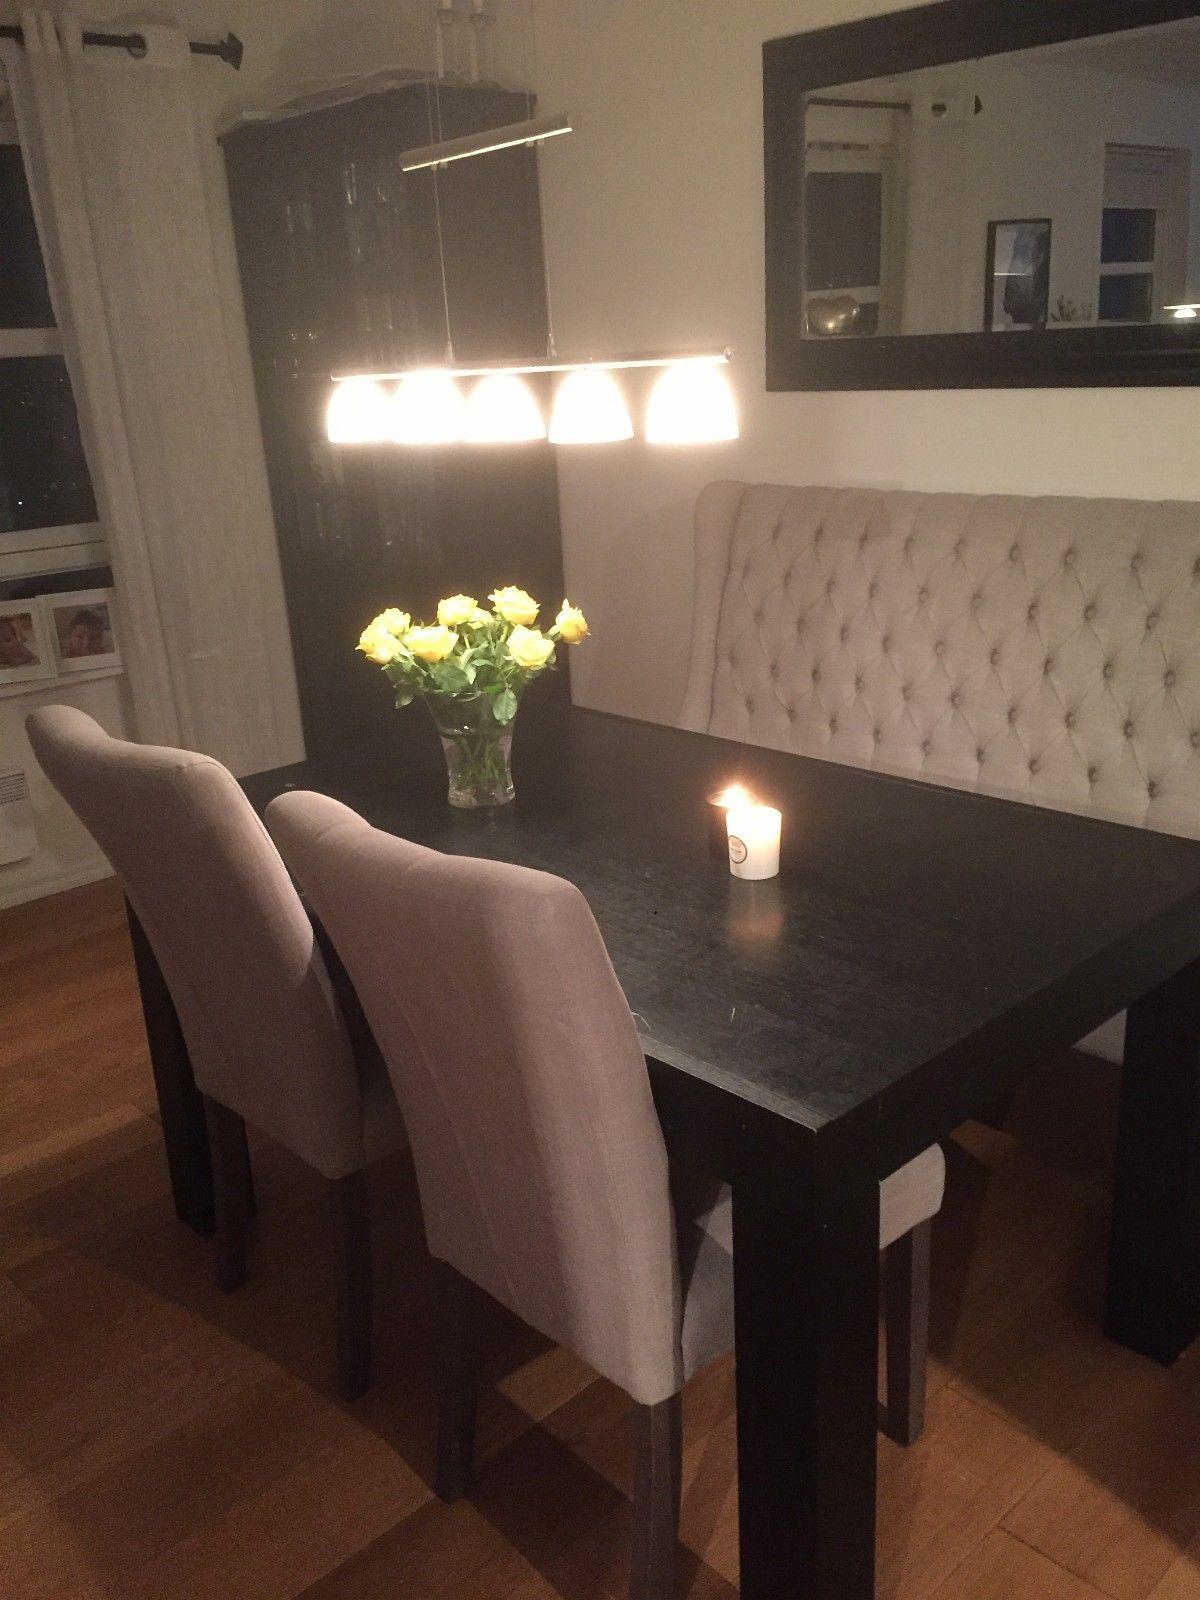 Spisebord pluss to stoler selges - Bønes  - Spisebord med stoler selges.Spisebord fra Skeidar og stoler fra Møbelringen. - Bønes